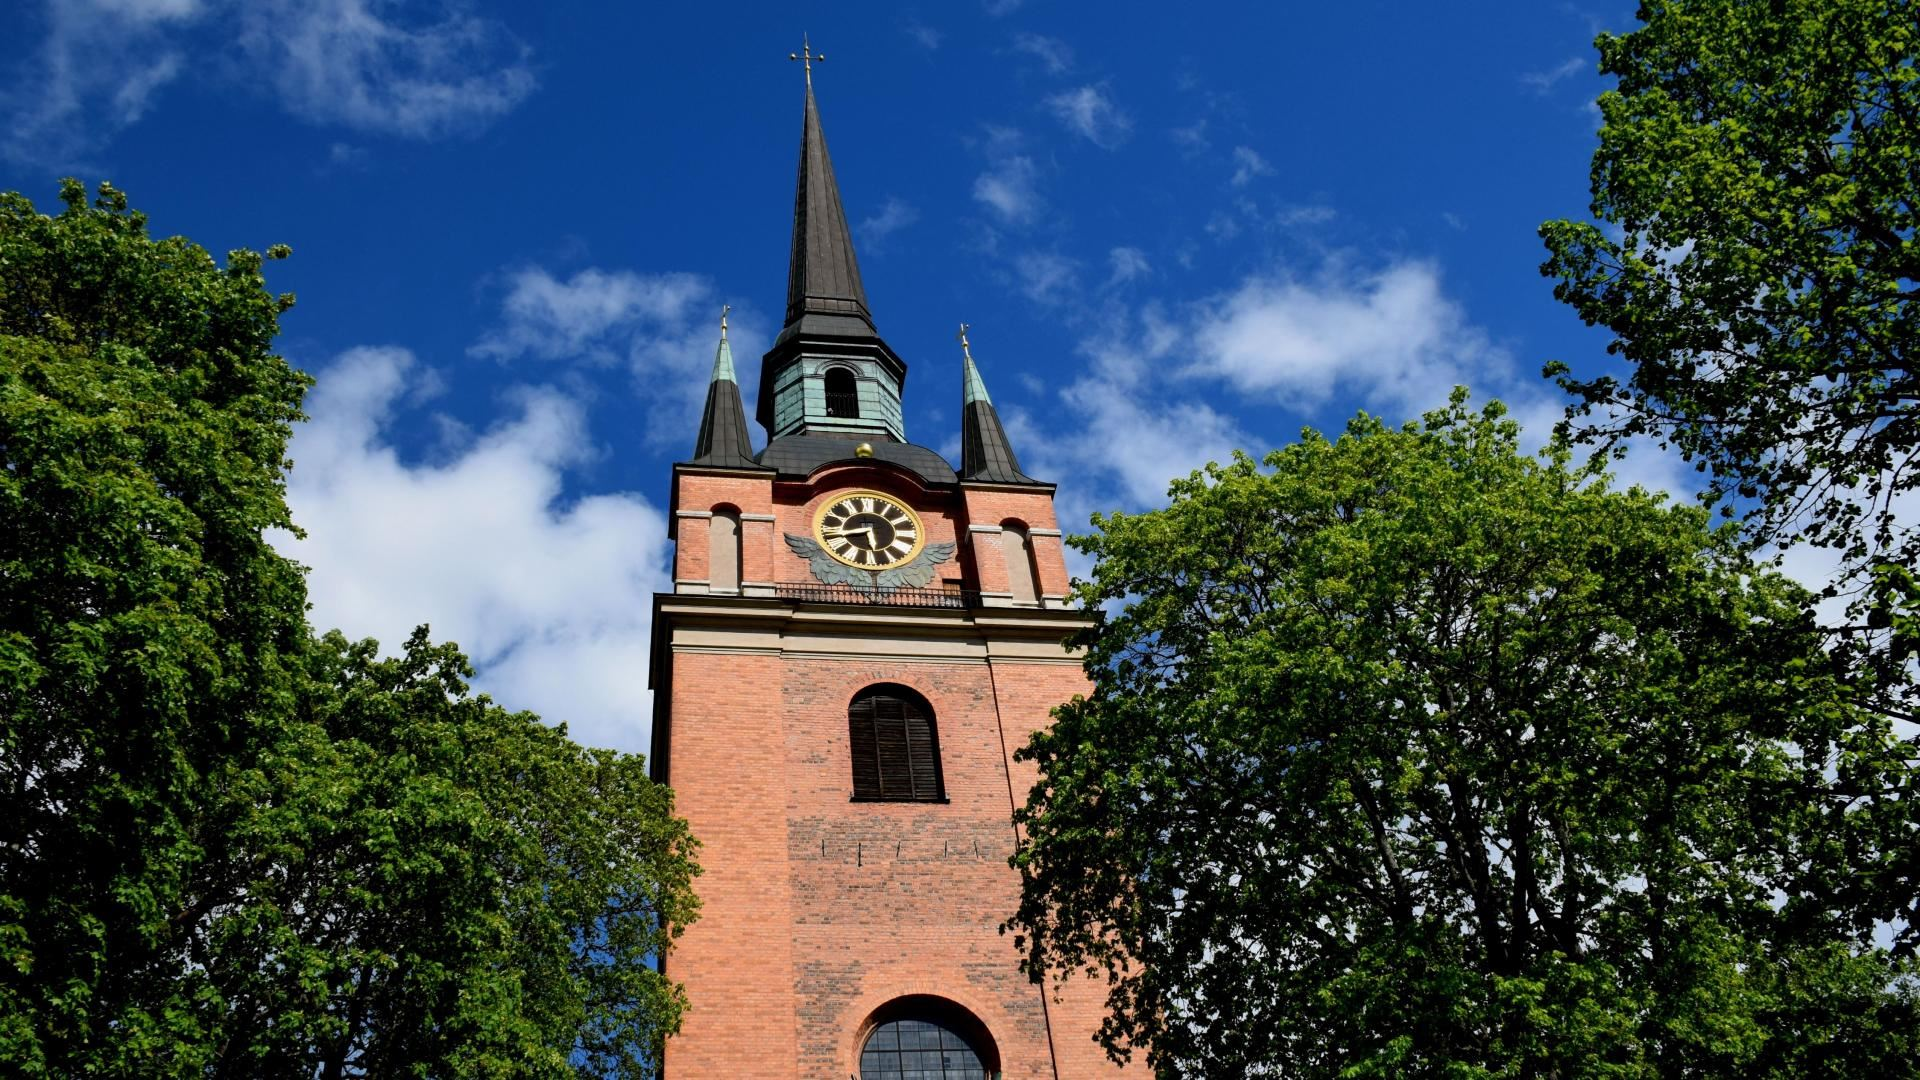 Visning av Stora Kopparbergs kyrka